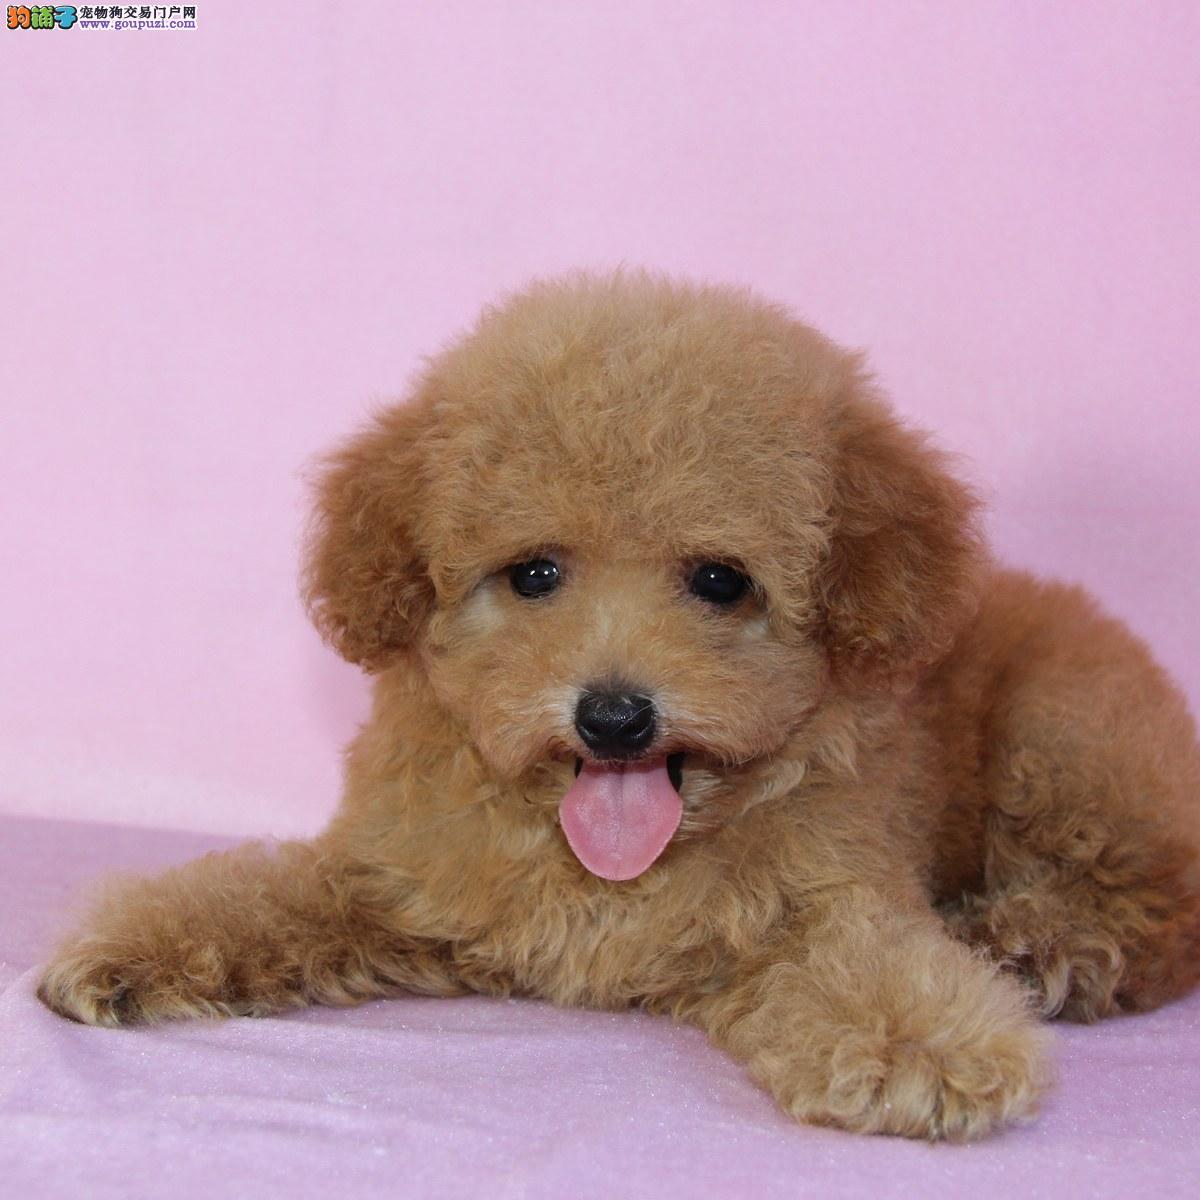 权威机构认证犬舍 专业培育泰迪犬幼犬喜欢来电咨询